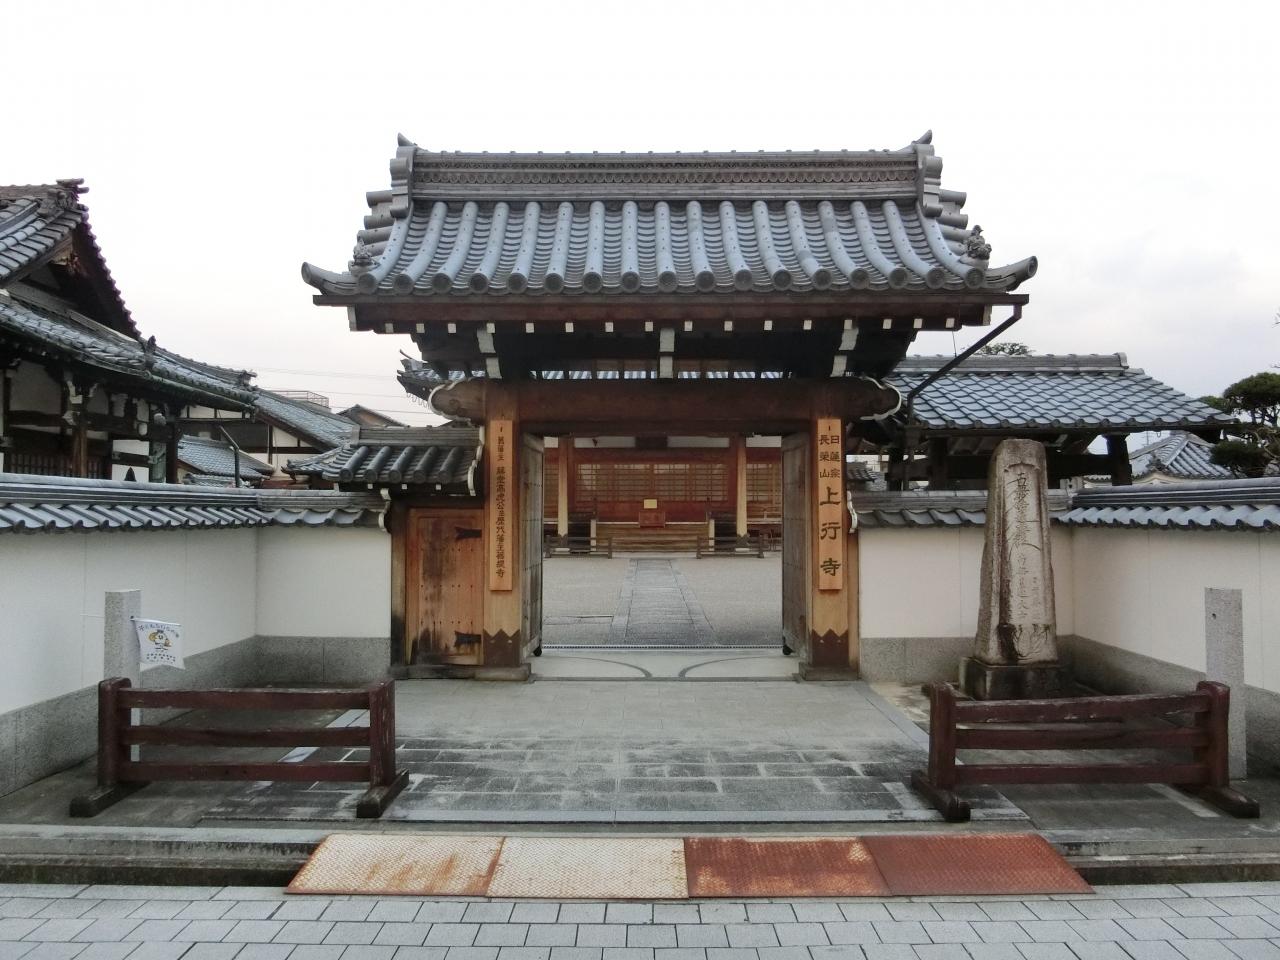 『寺町通り (伊賀市)』伊賀・上野(三重県)の旅行記・ブログ ...